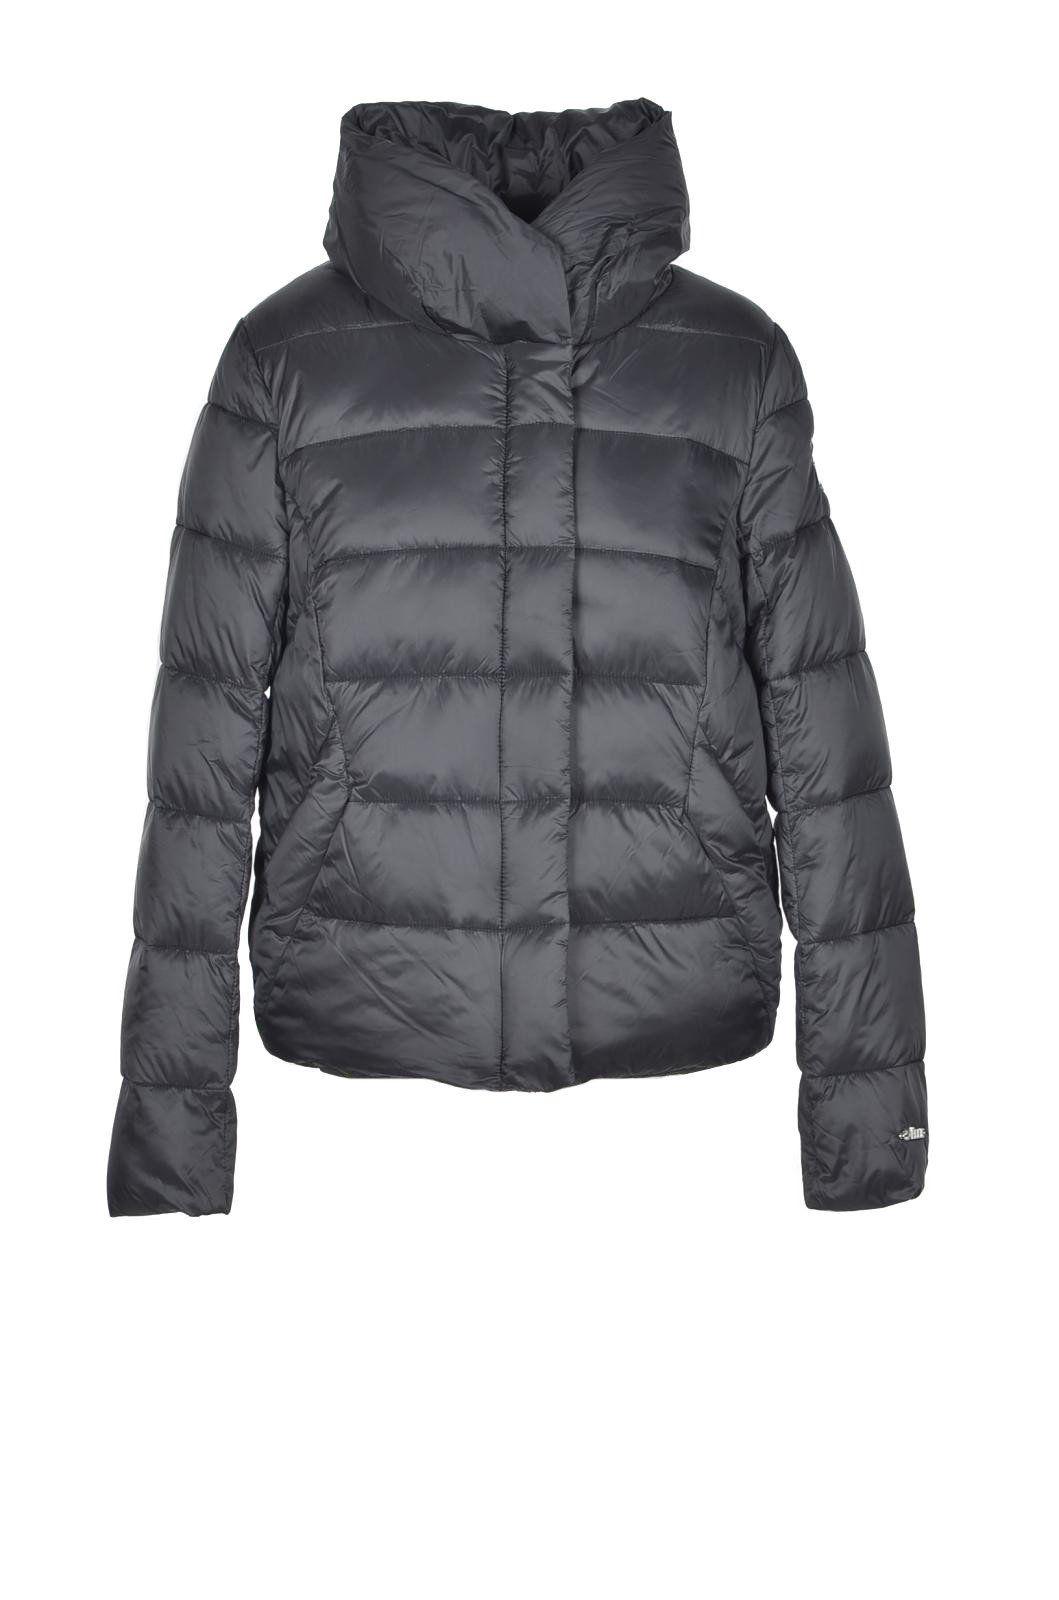 Gaelle Women's Jacket In Black